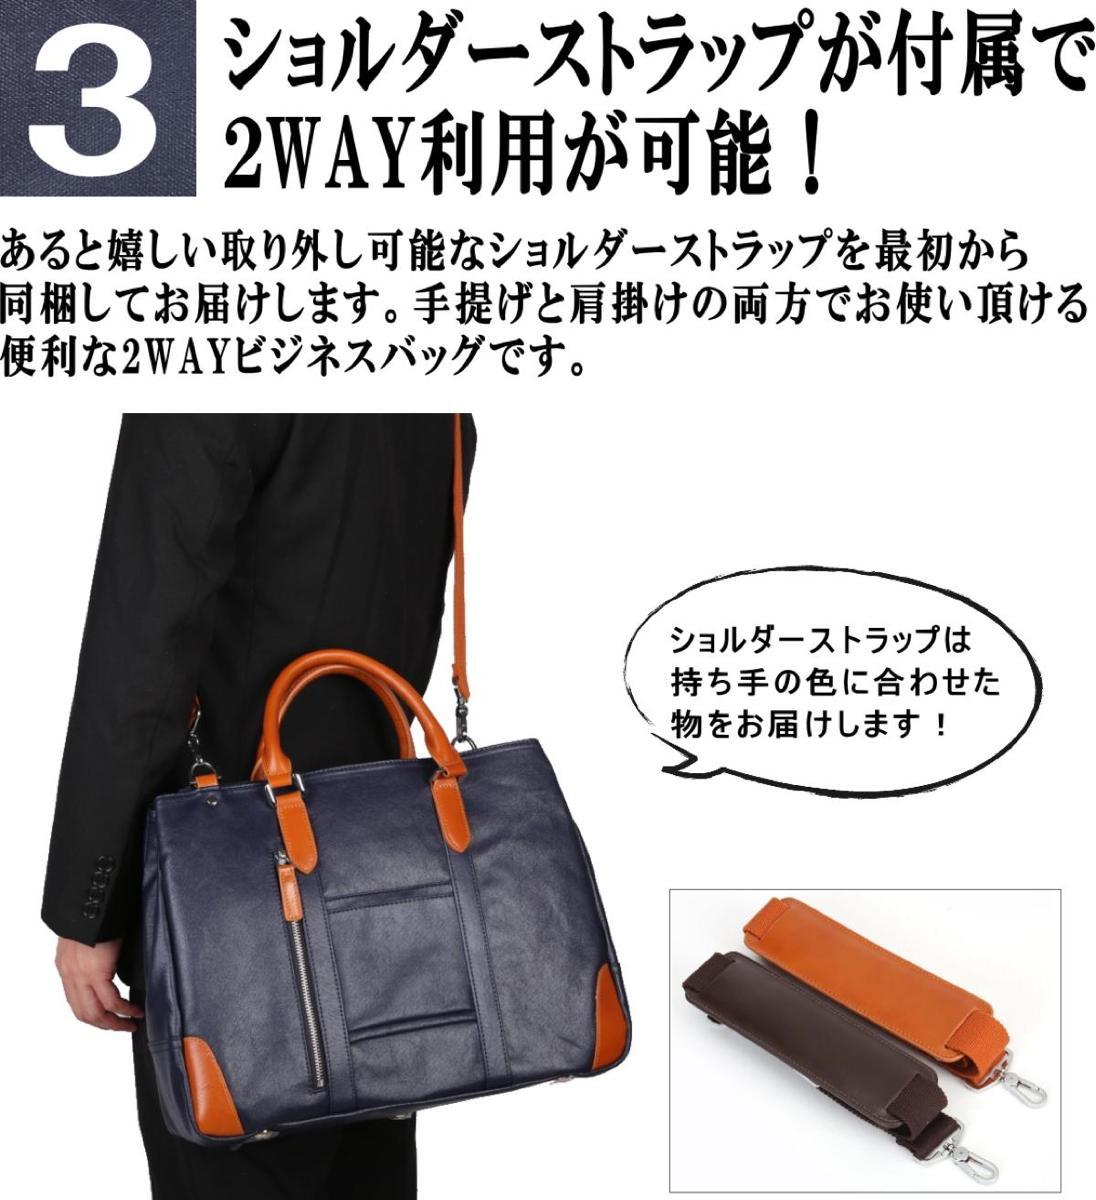 防水ビジネスバッグ